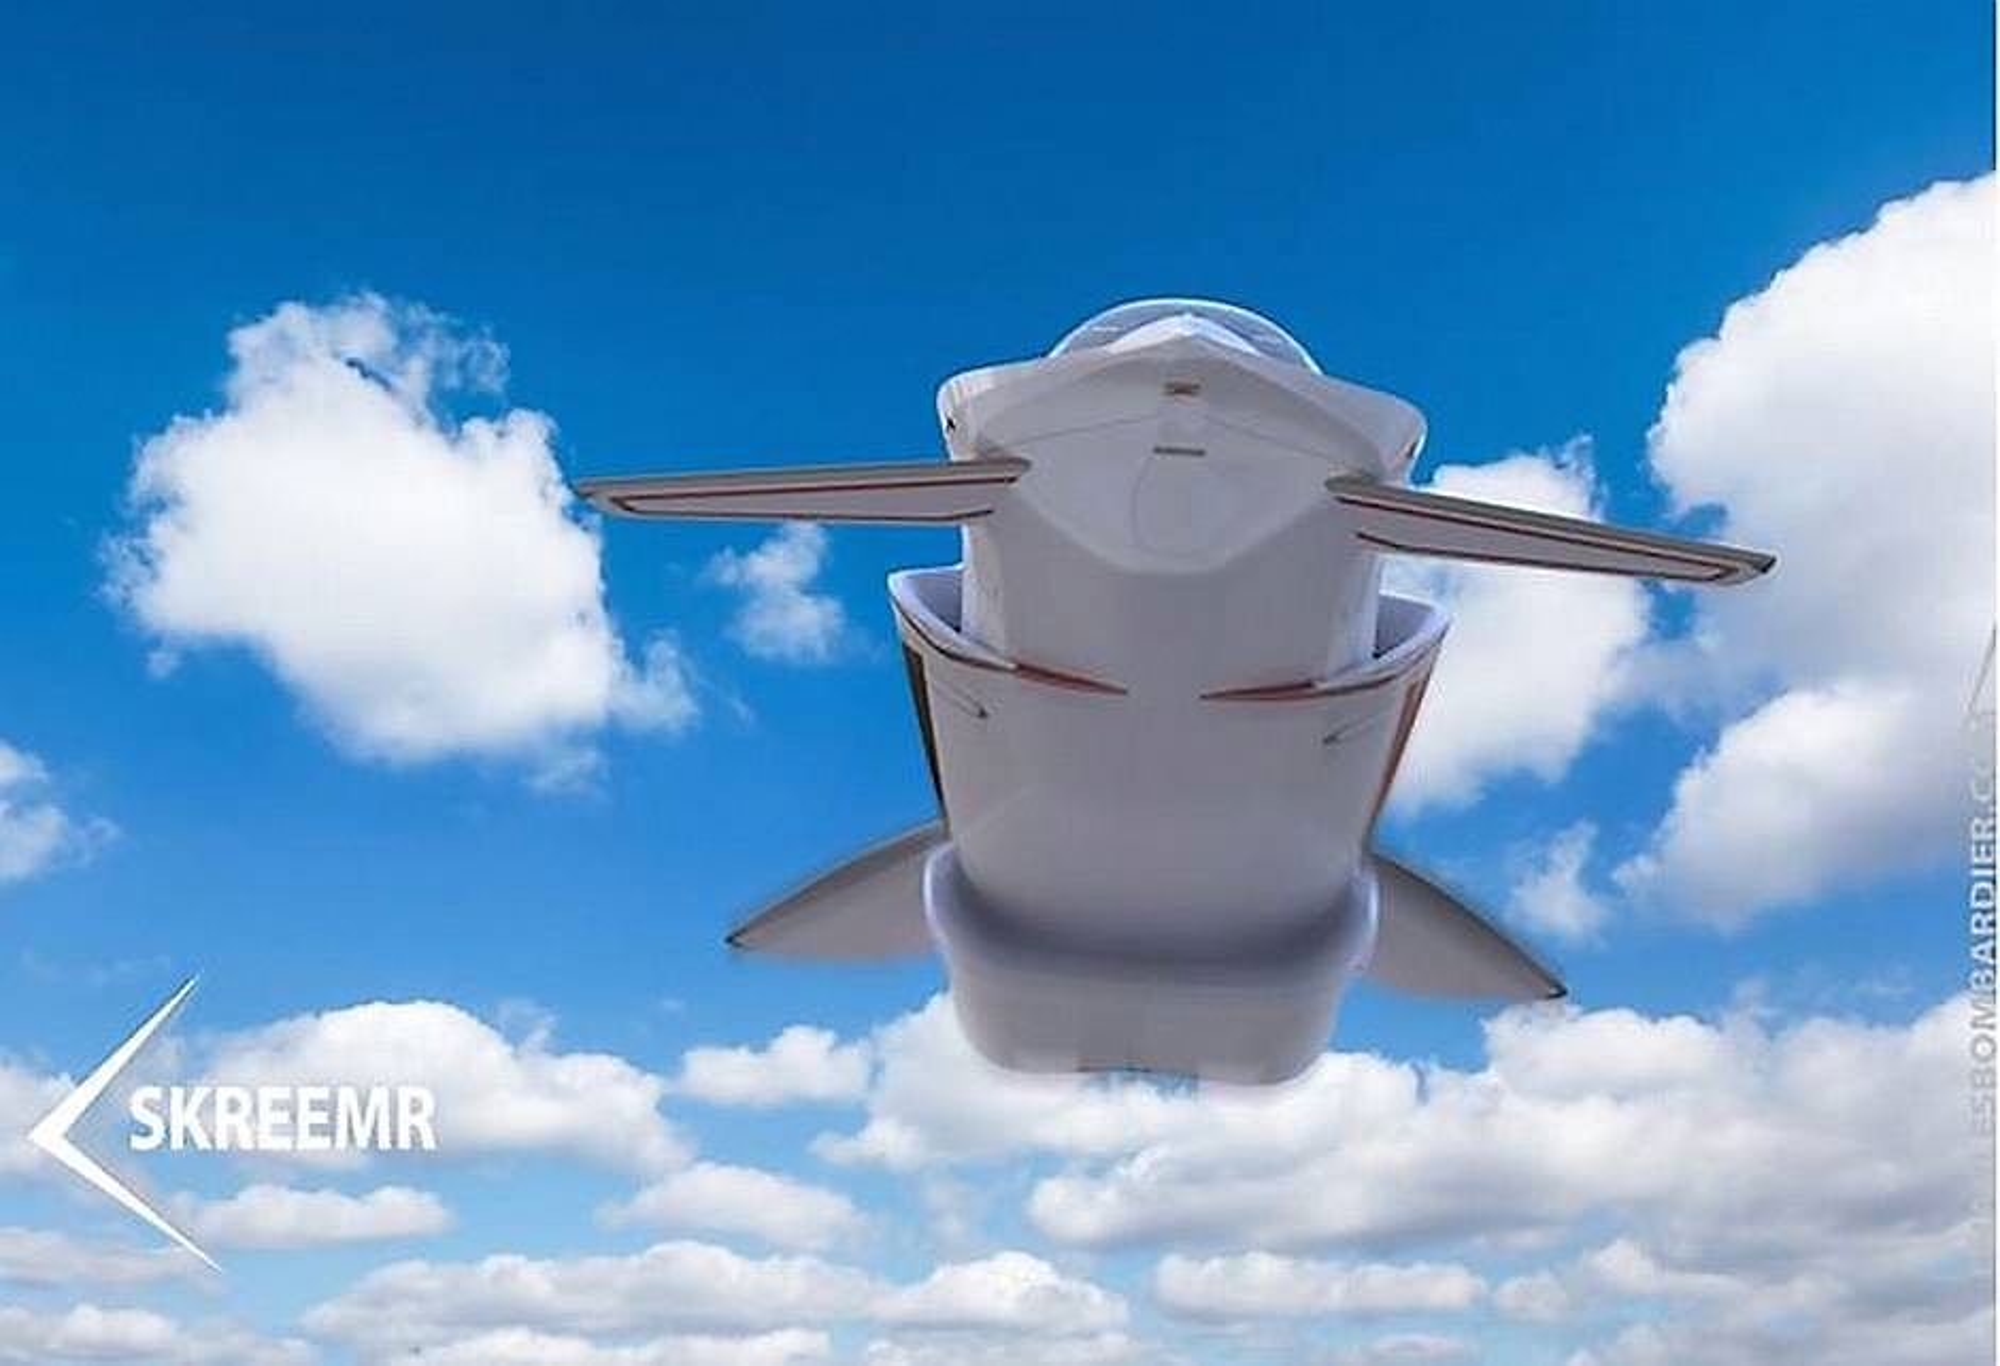 Skreemr-flyet vil ha en scramjet-motor, fire vinger og kunne nå en hastighet på hele Mach 10.